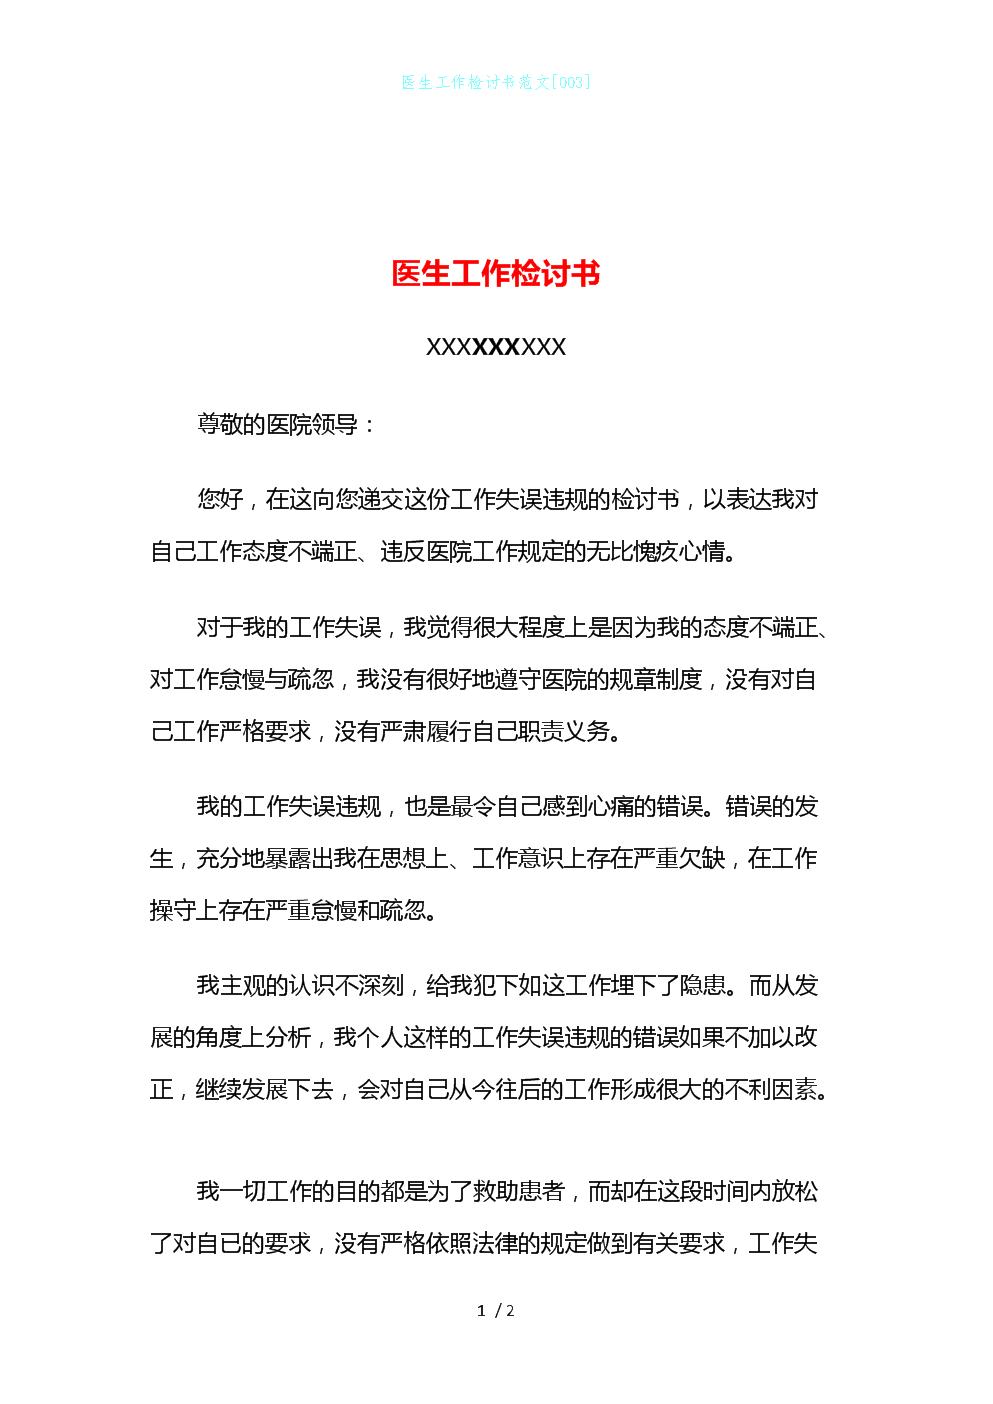 医生工作检讨书范文[003].doc